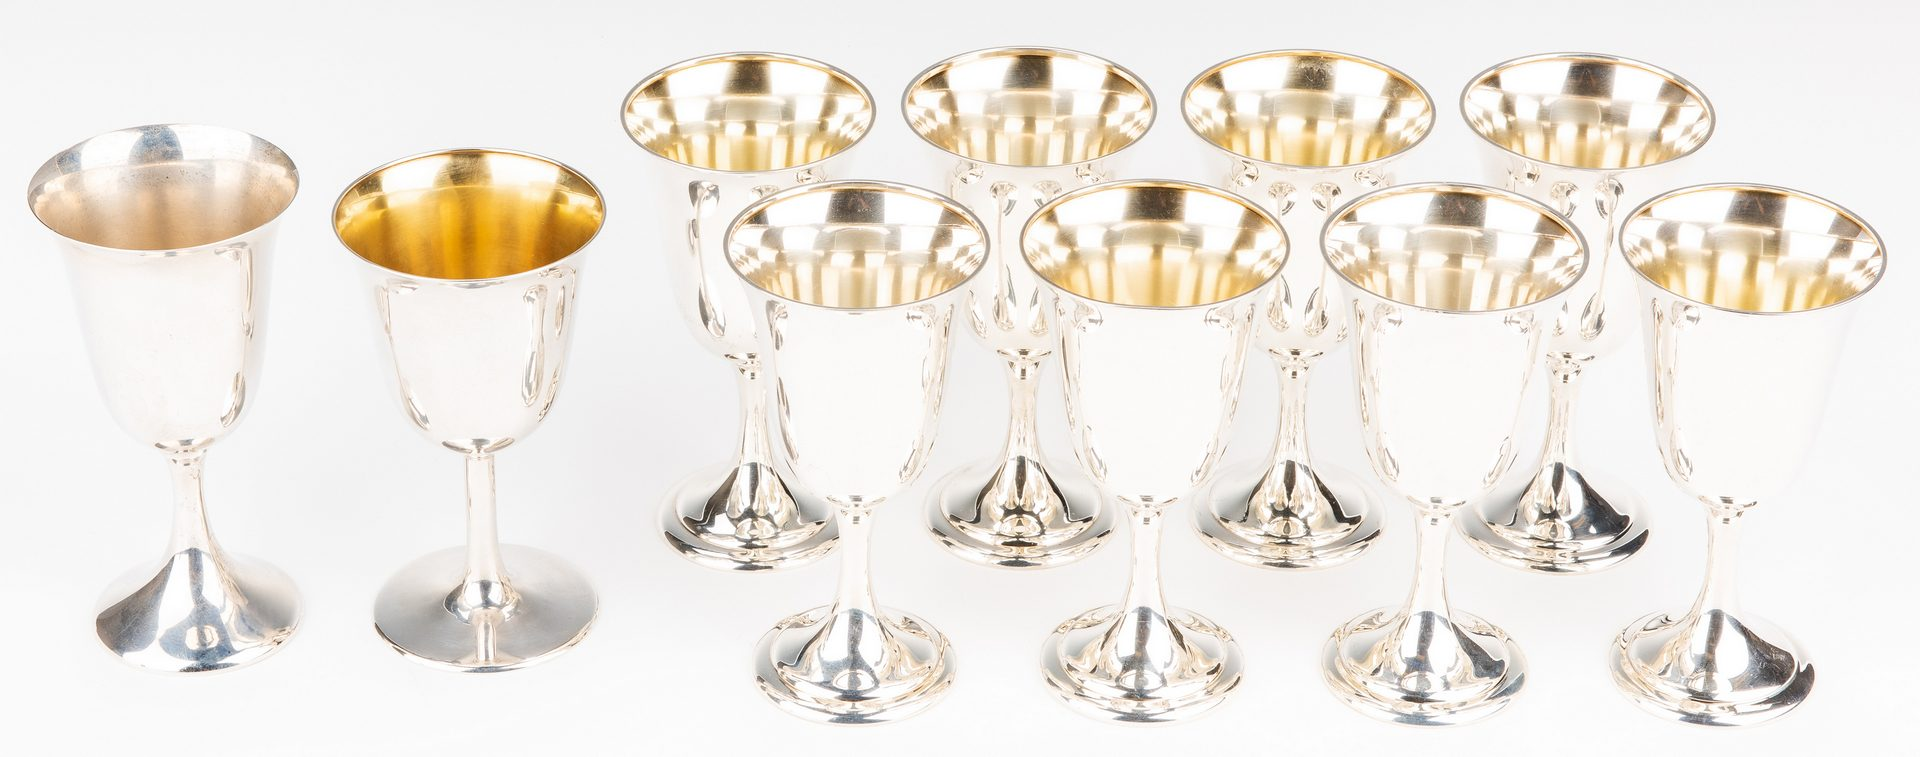 Lot 418: 10 Sterling Goblets (set of 8, plus 2)